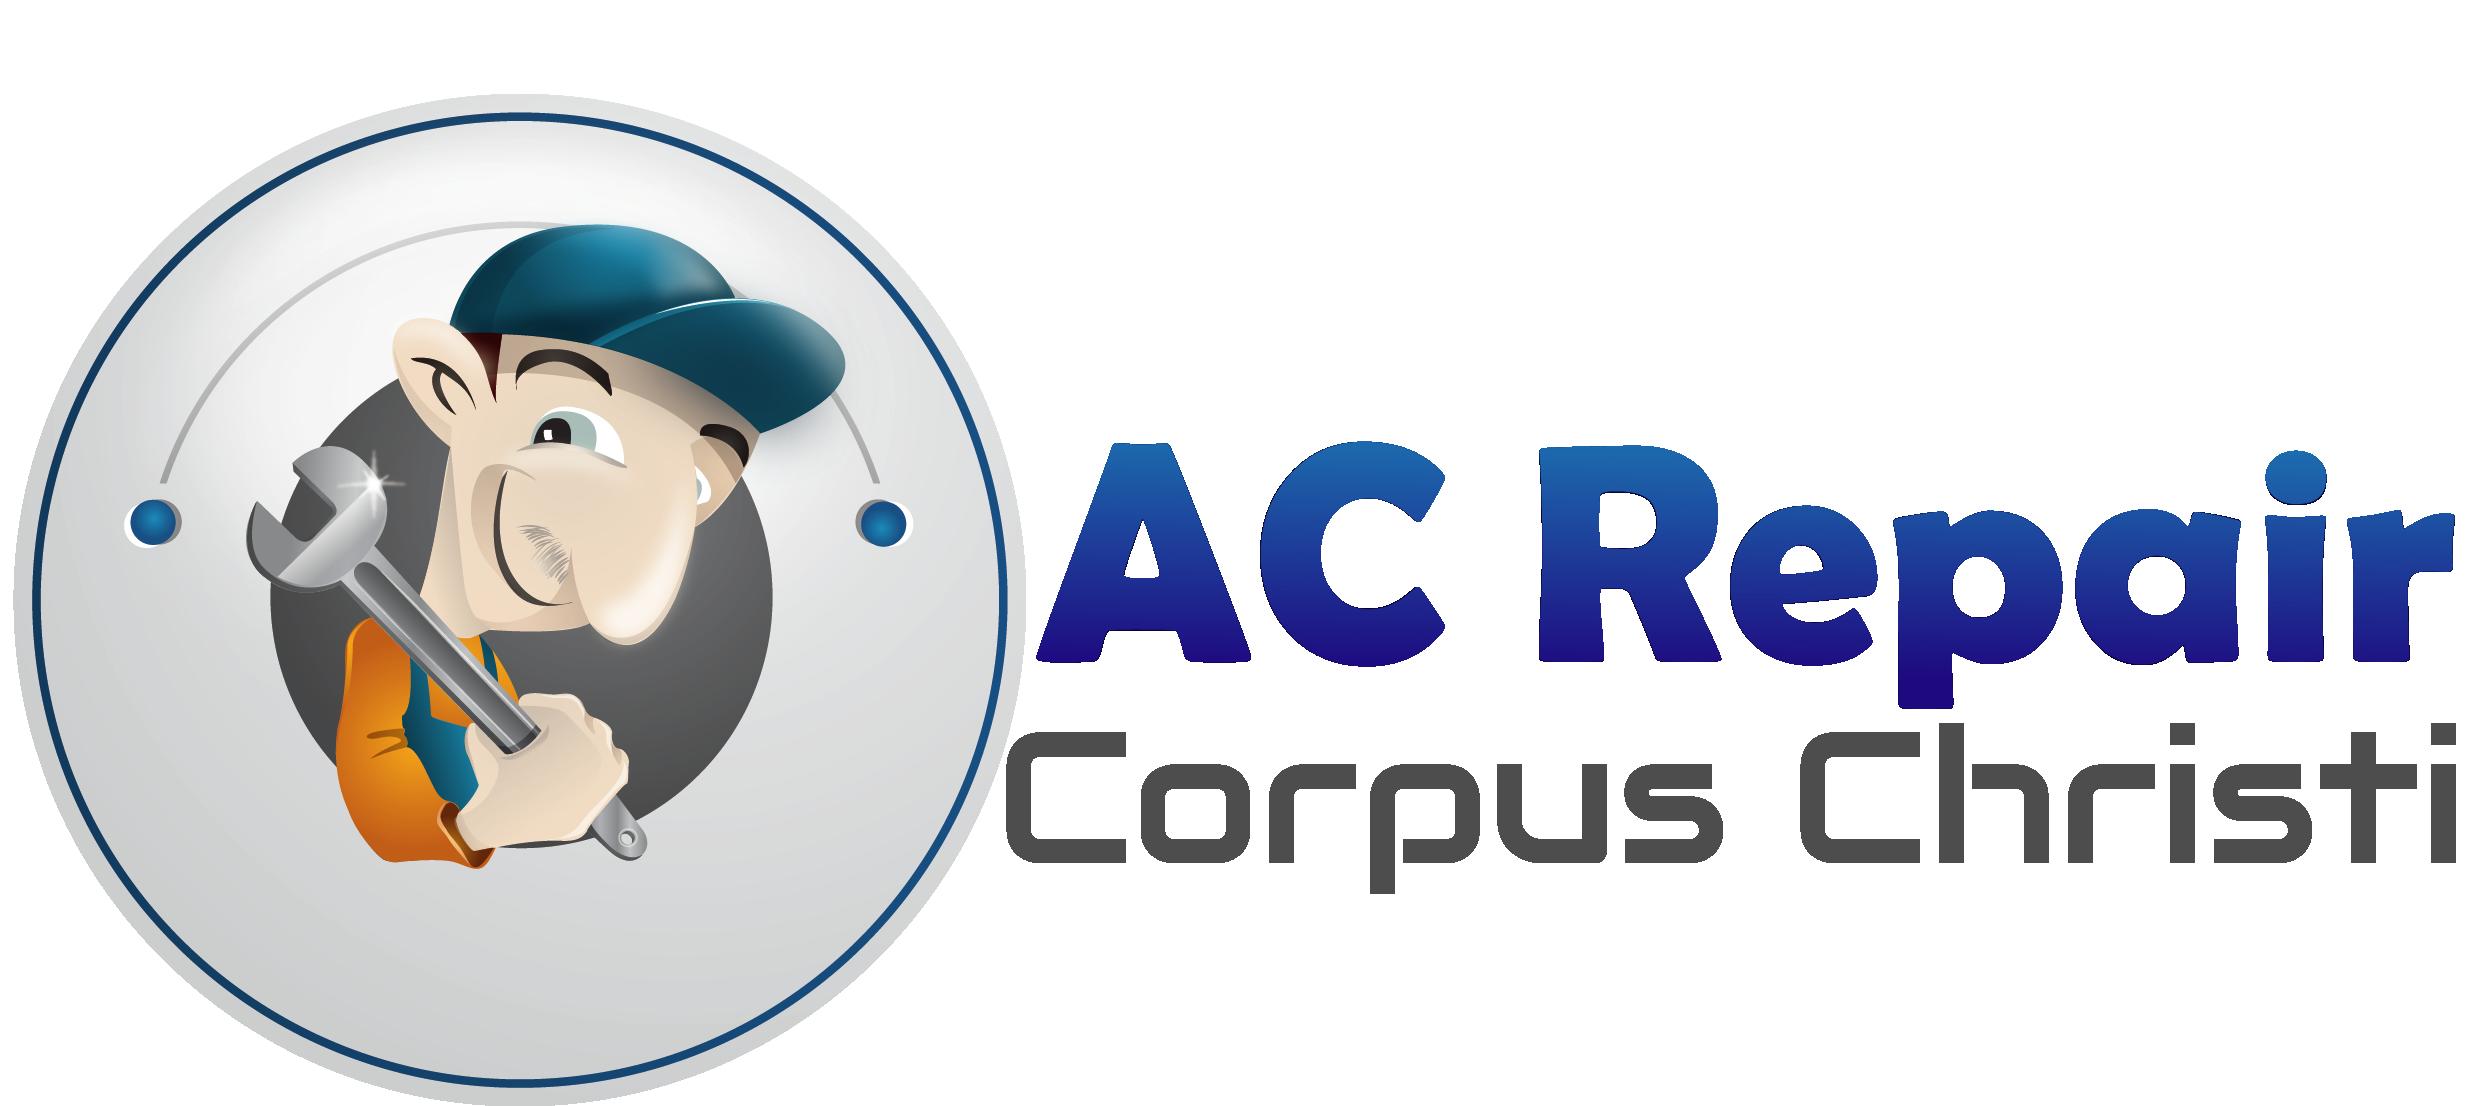 air conditioning repair logo. ac repair corpus christi - (361) 808-4100 air conditioning, heating, hvac conditioning logo c